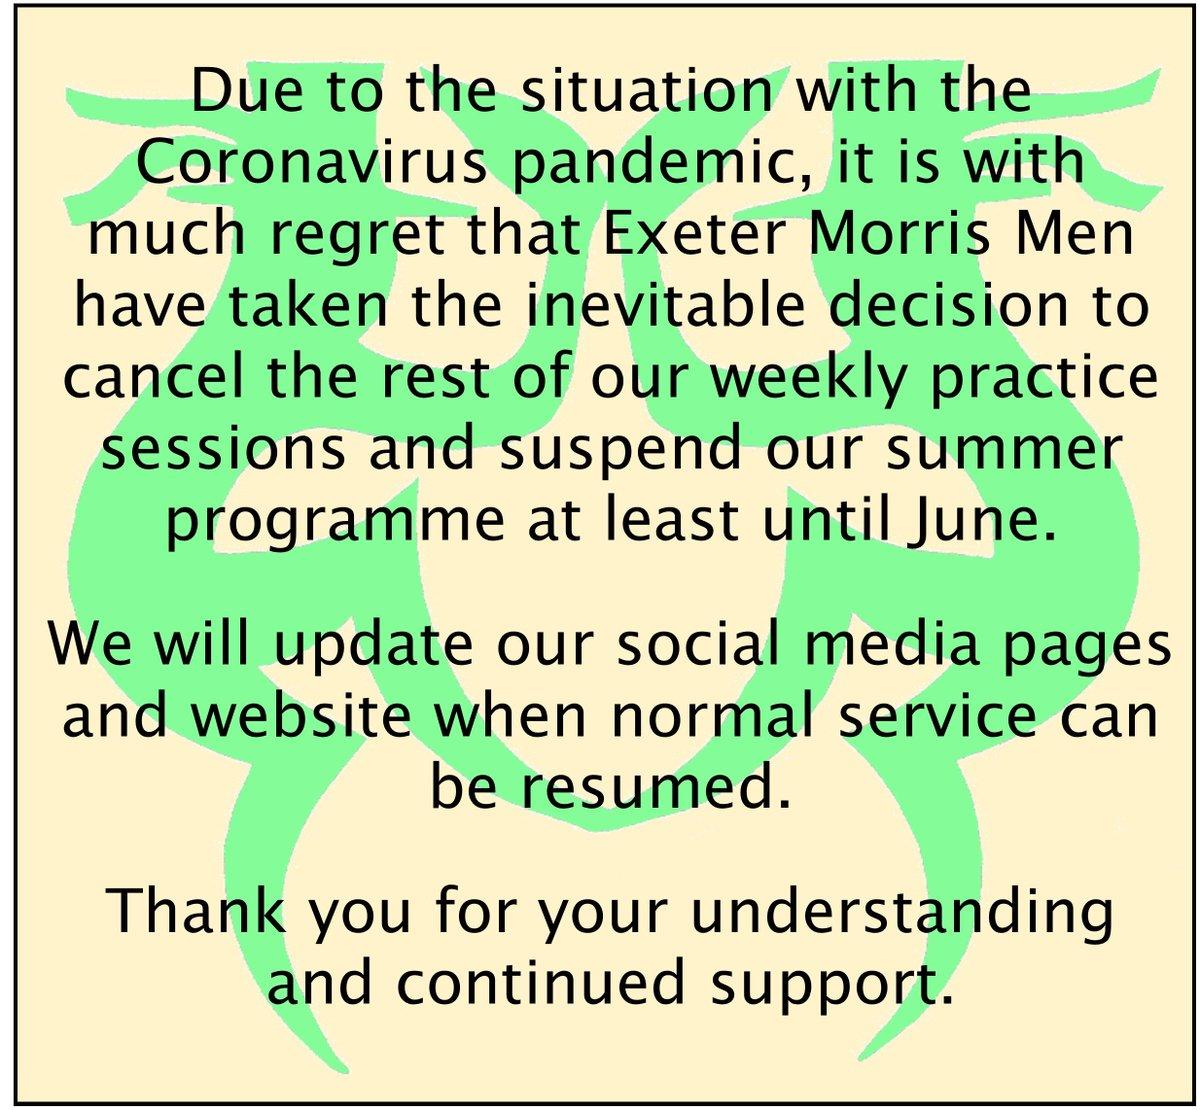 ExeterMorris photo